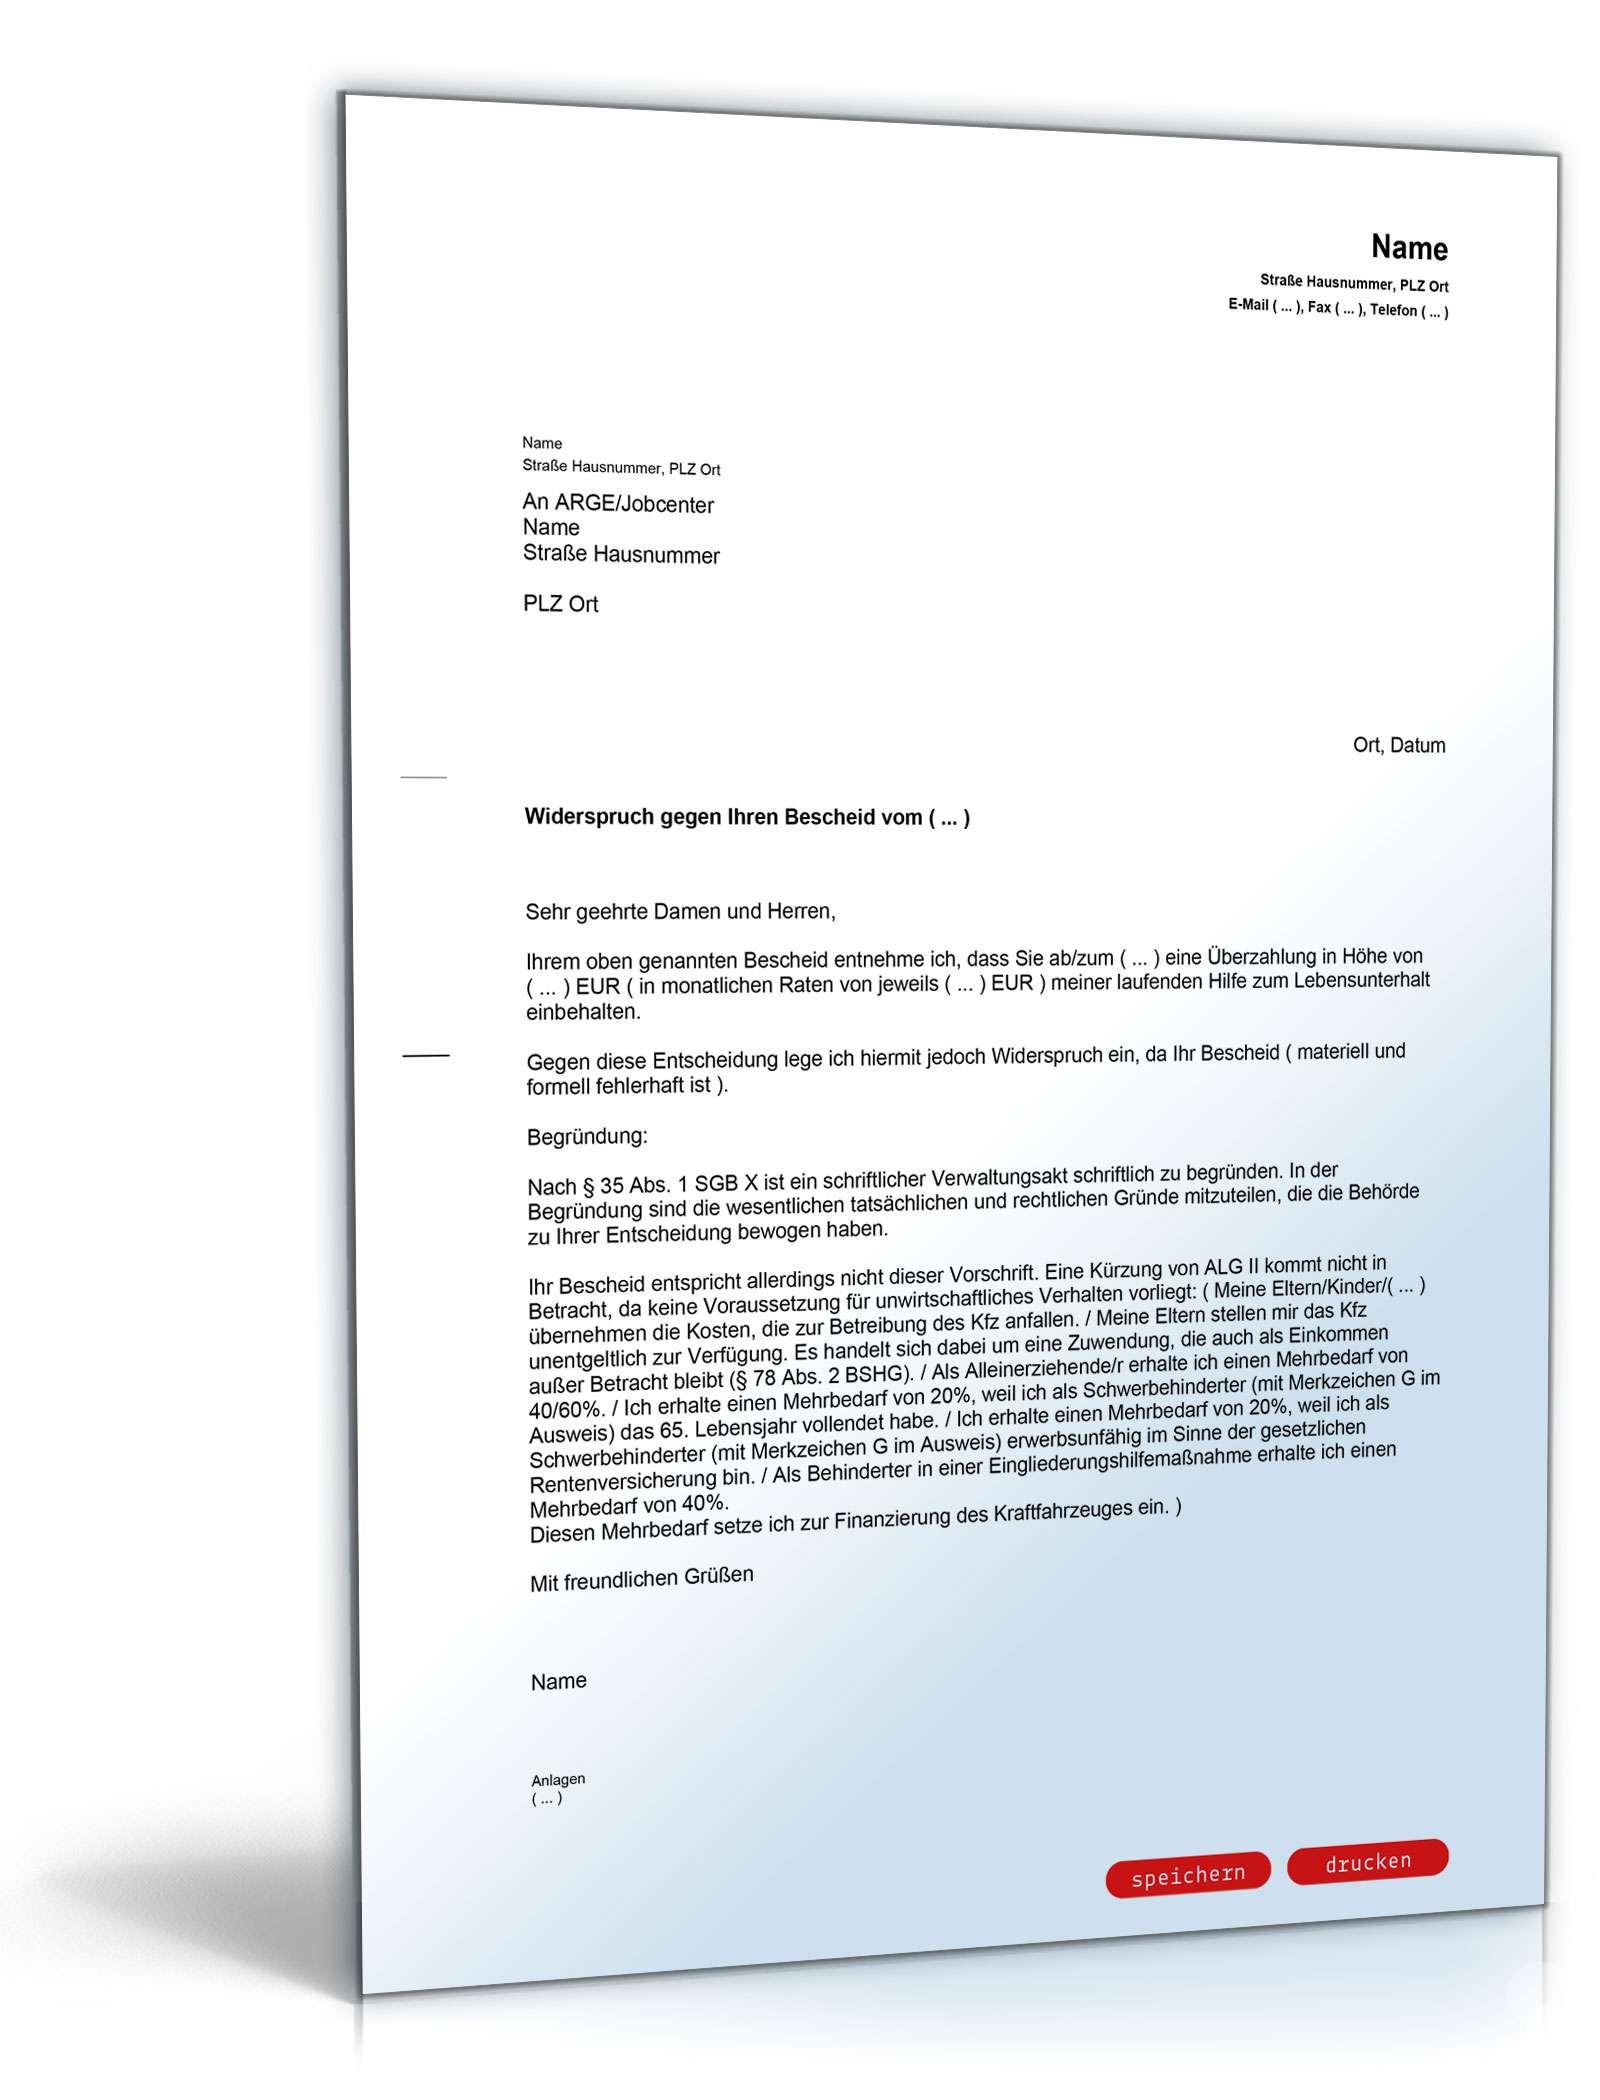 Widerspruch Kurzung Alg Ii Kfz Besitz Vorlage Zum Download